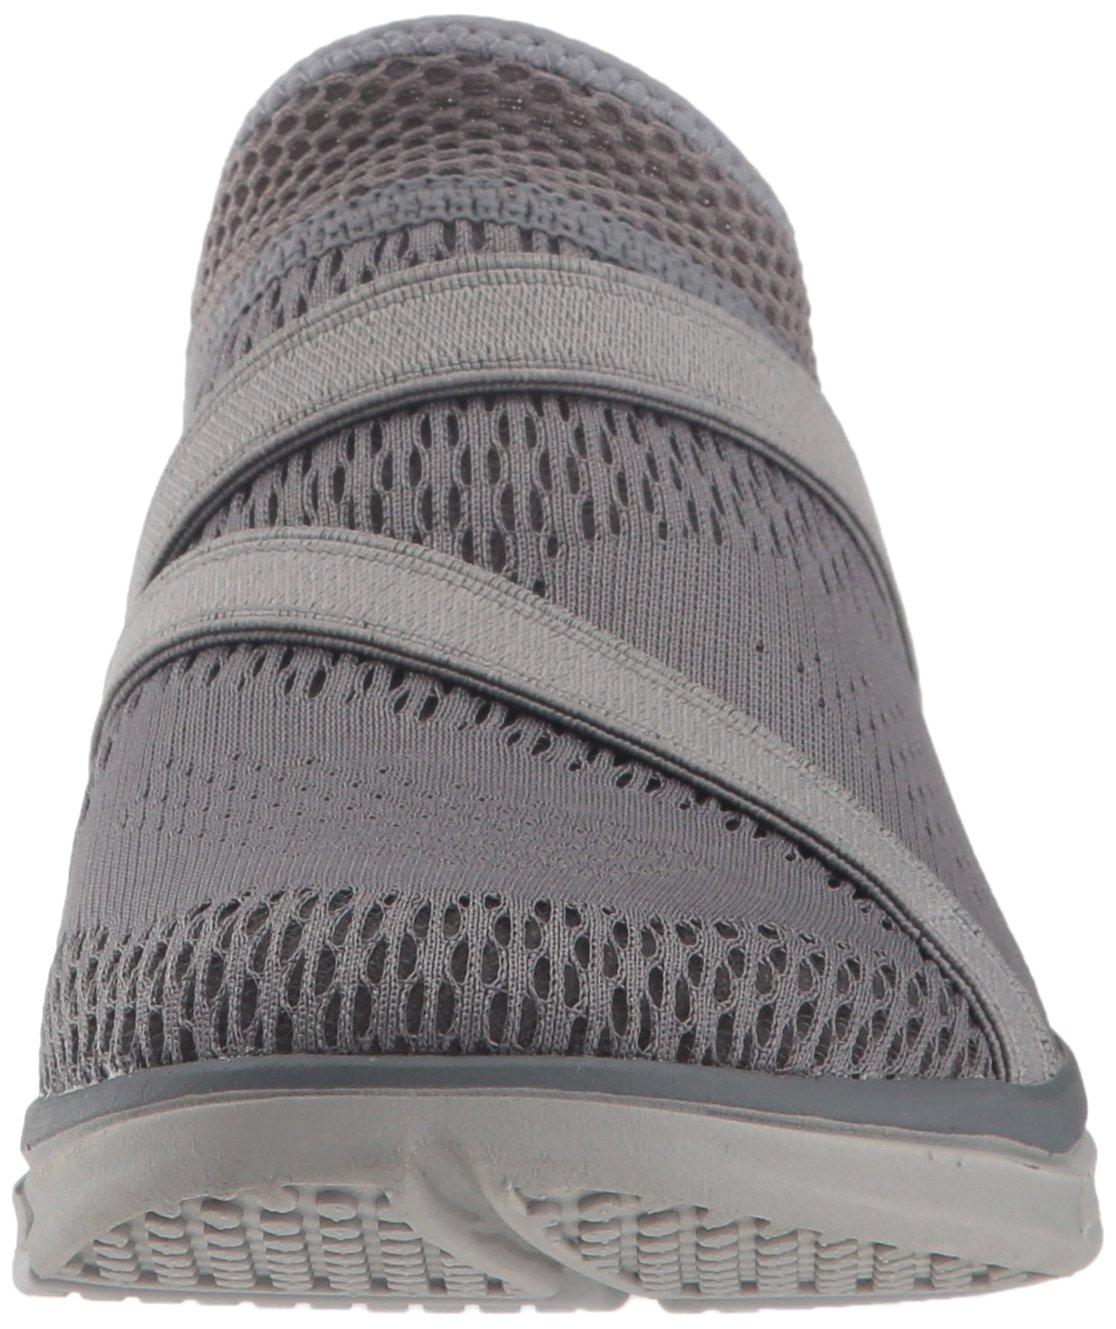 Merrell Women's Zoe Sojourn E-Mesh Q2 Sneaker B078NMH7TD 9.5 M US|Castlerock